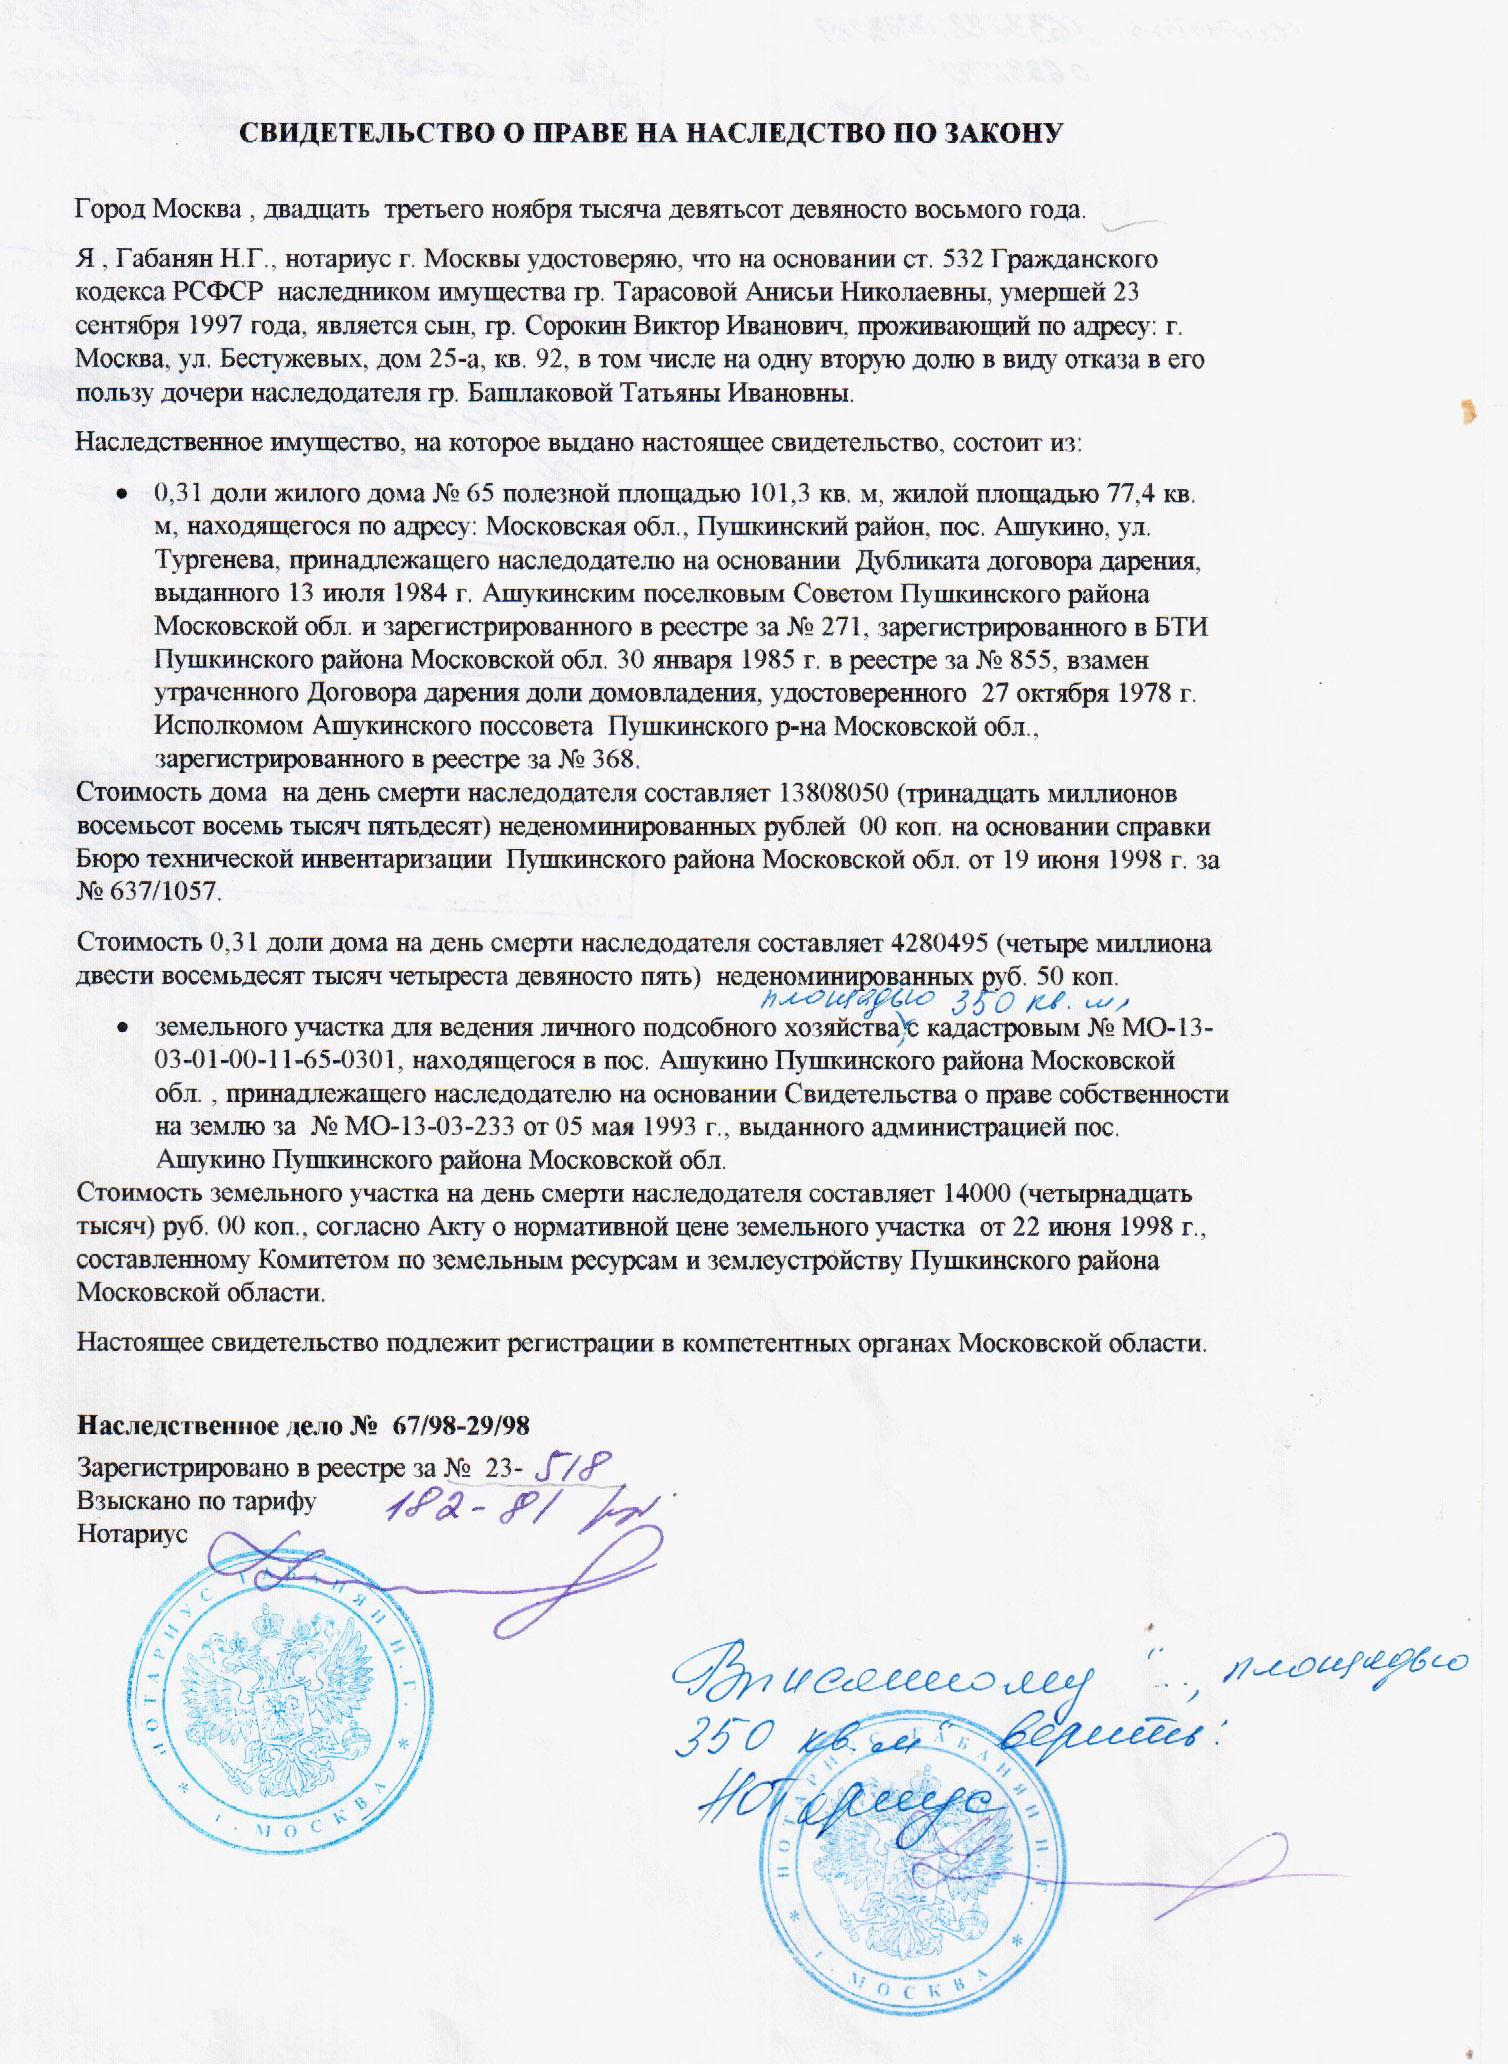 оформление наследства в московском районе где-то